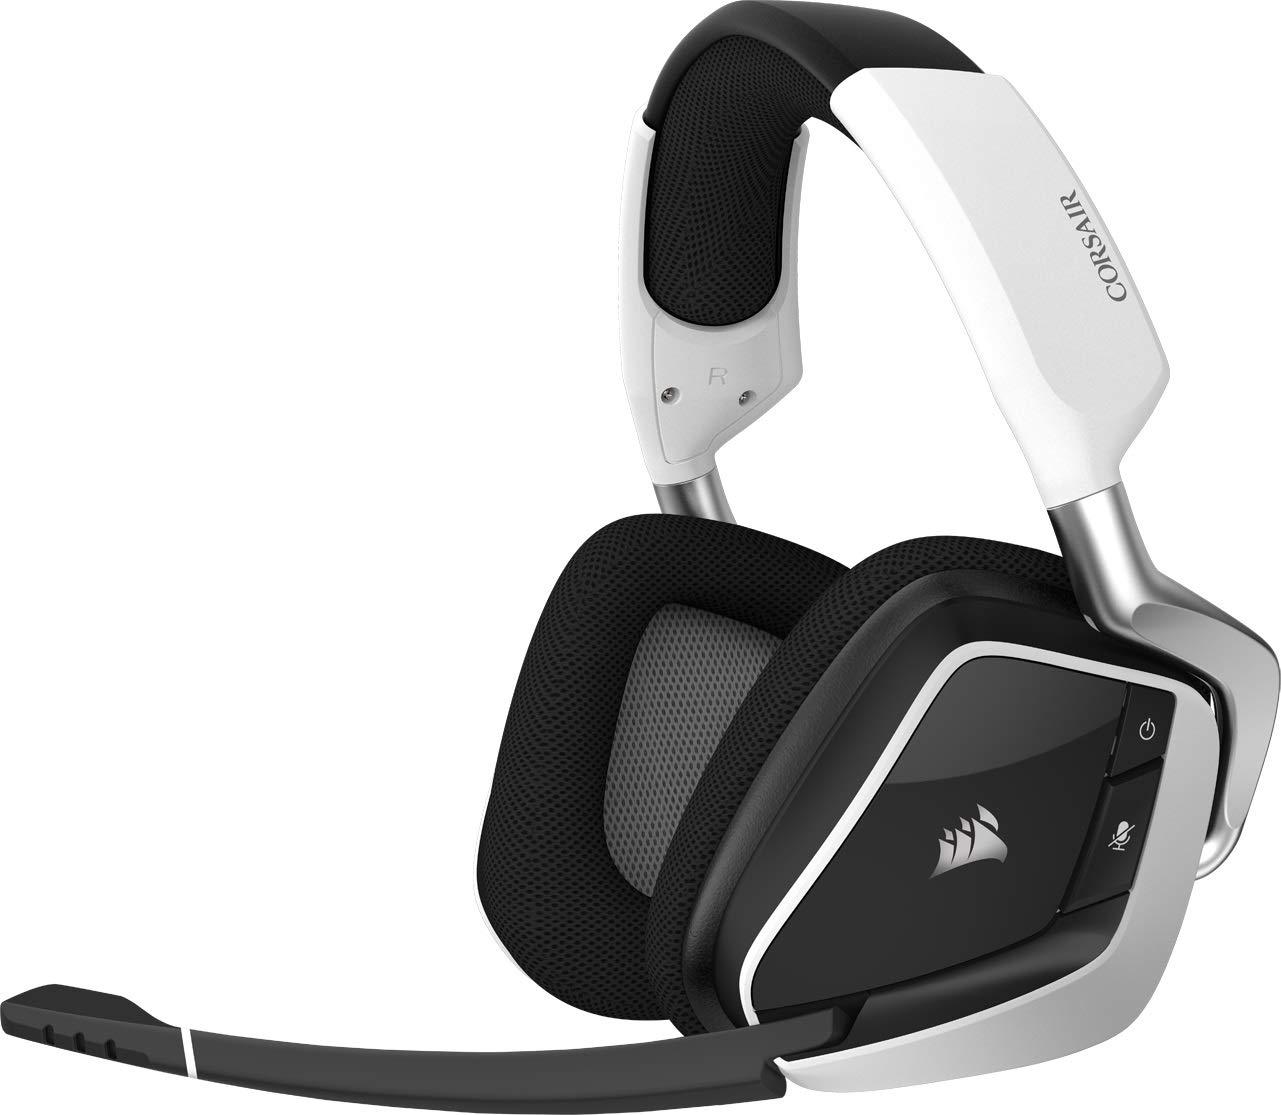 Corsair VOID PRO RGB WIRELESS Gaming Headset für 79,99 €